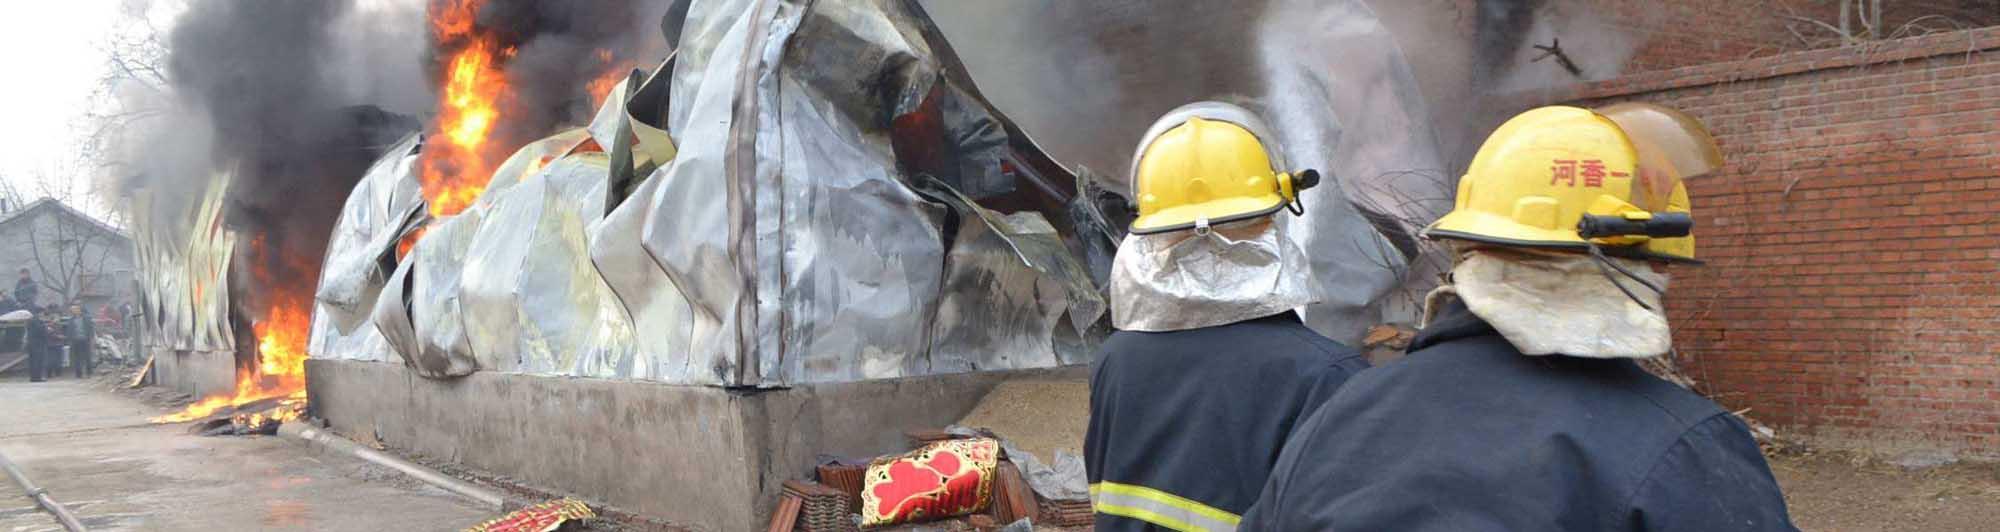 有味道的新闻 消防员巧用粪水扑火